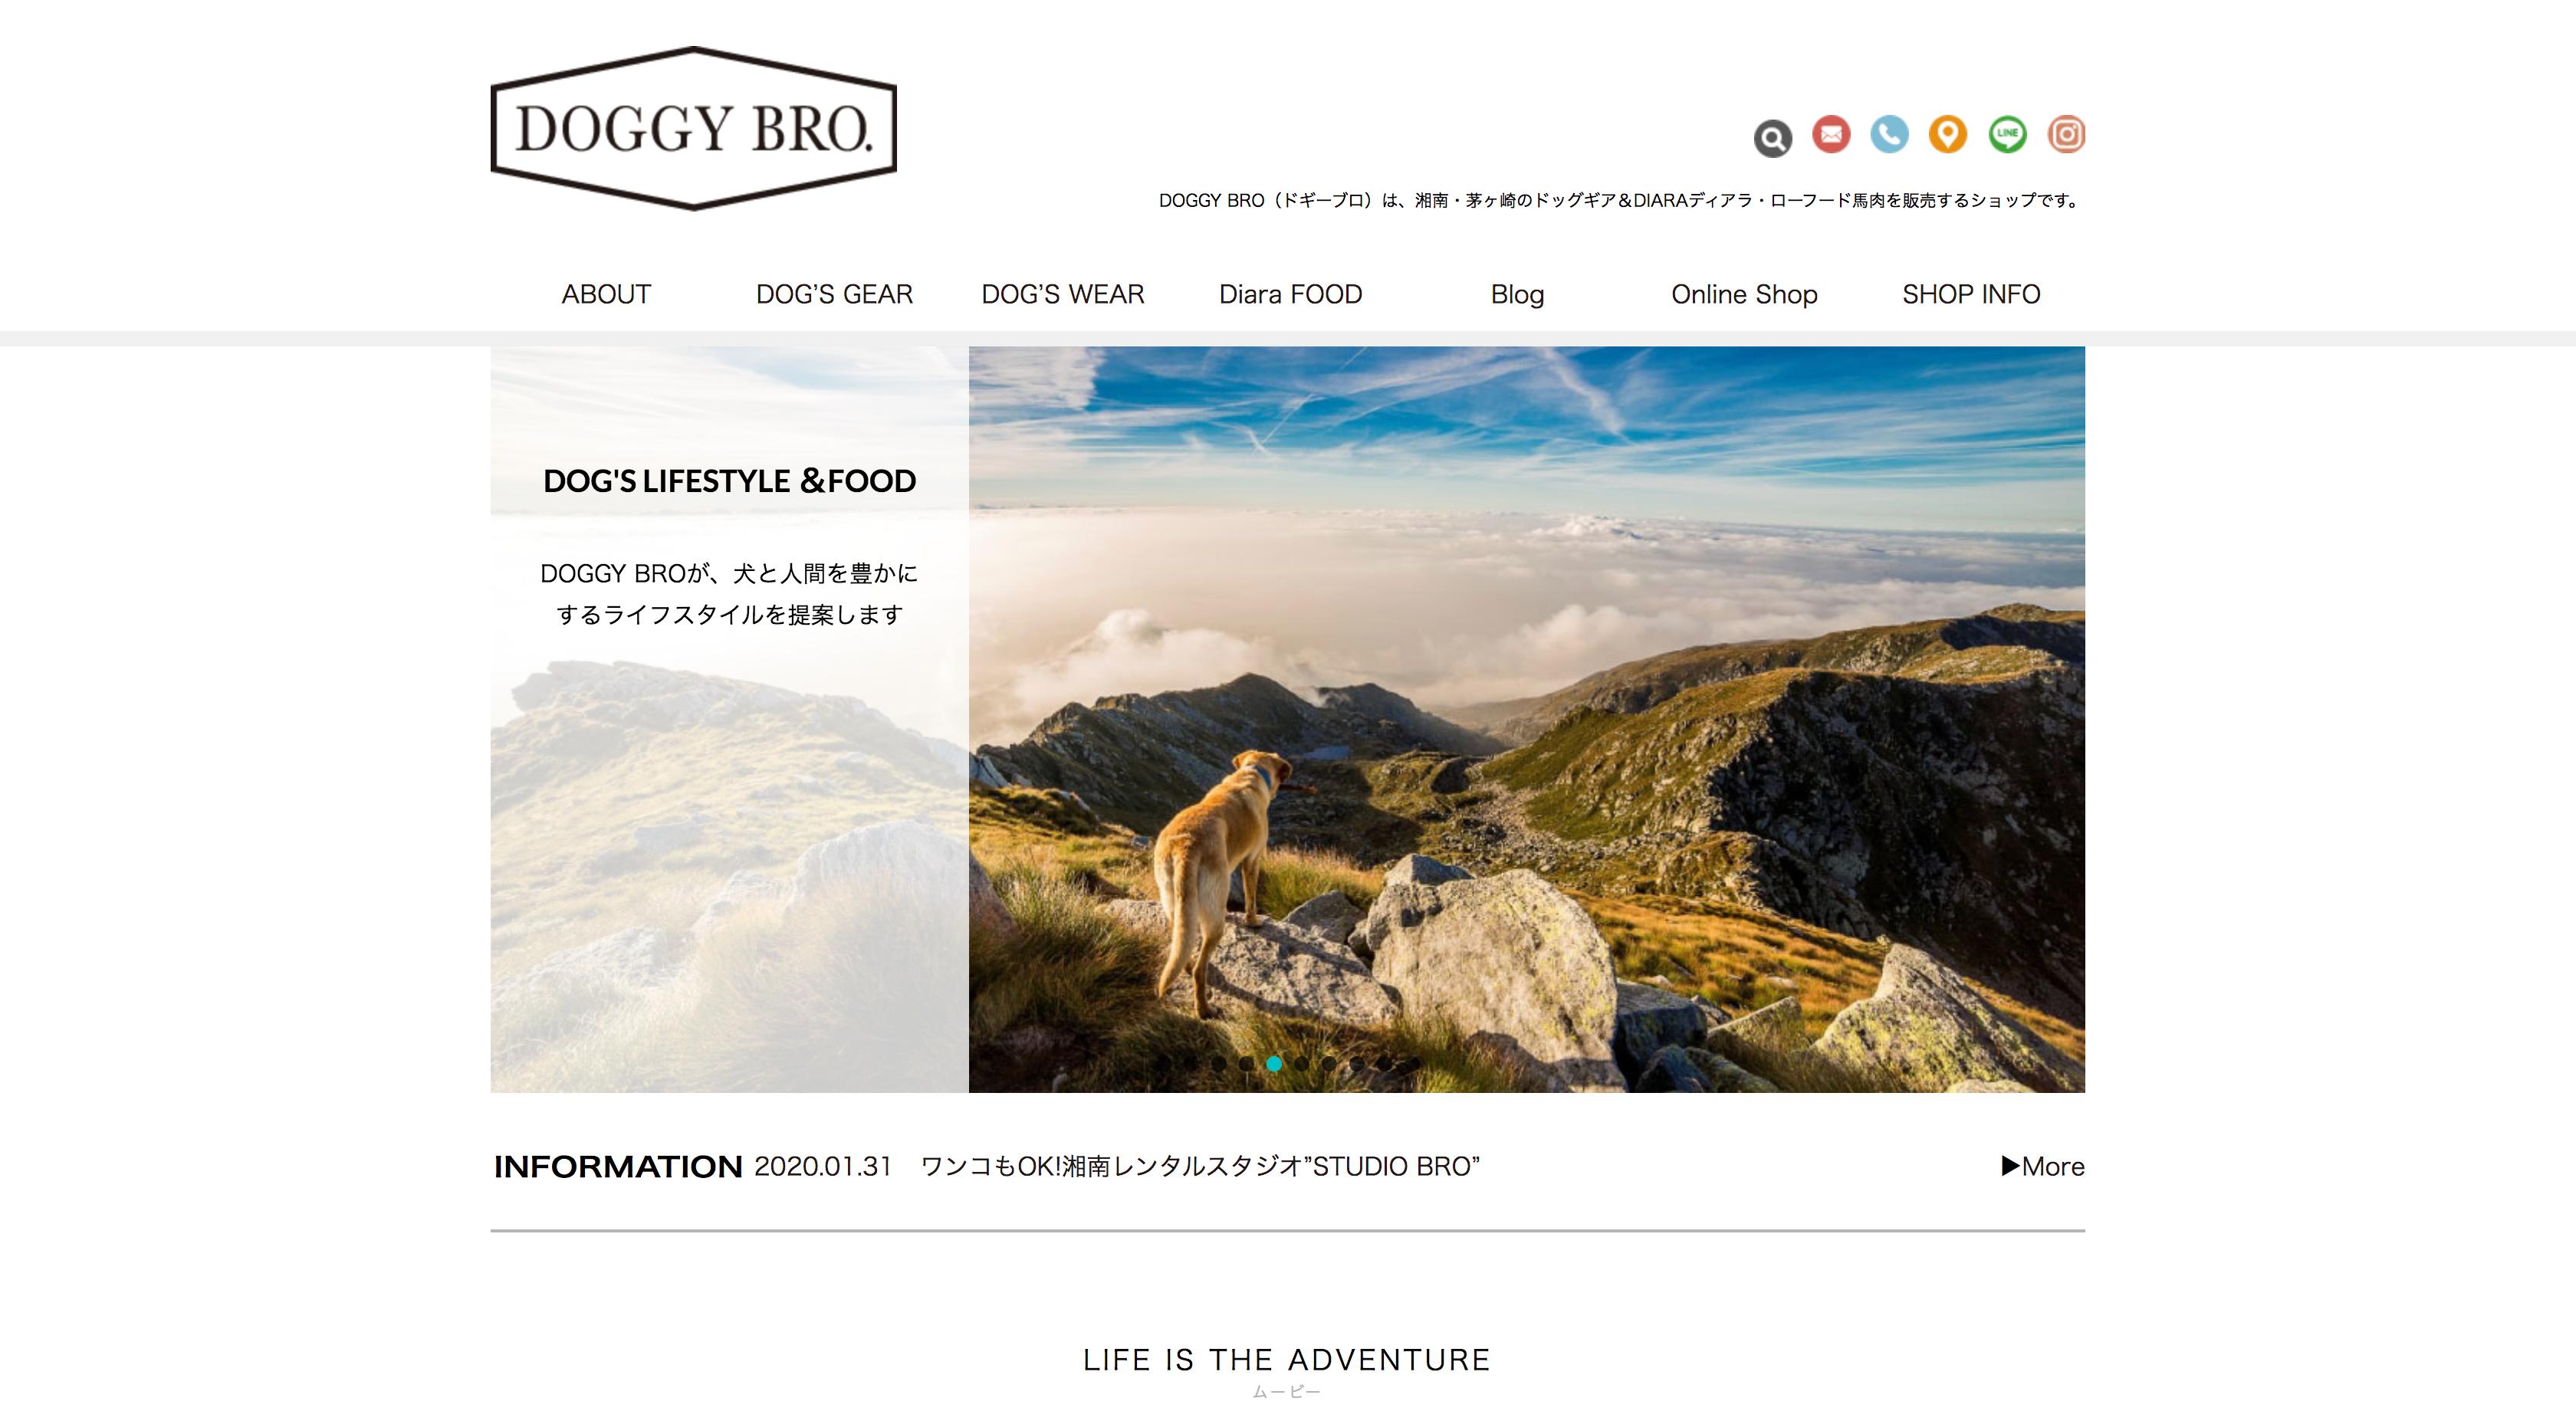 DOGGY BRO(ドギーブロ) ECサイト